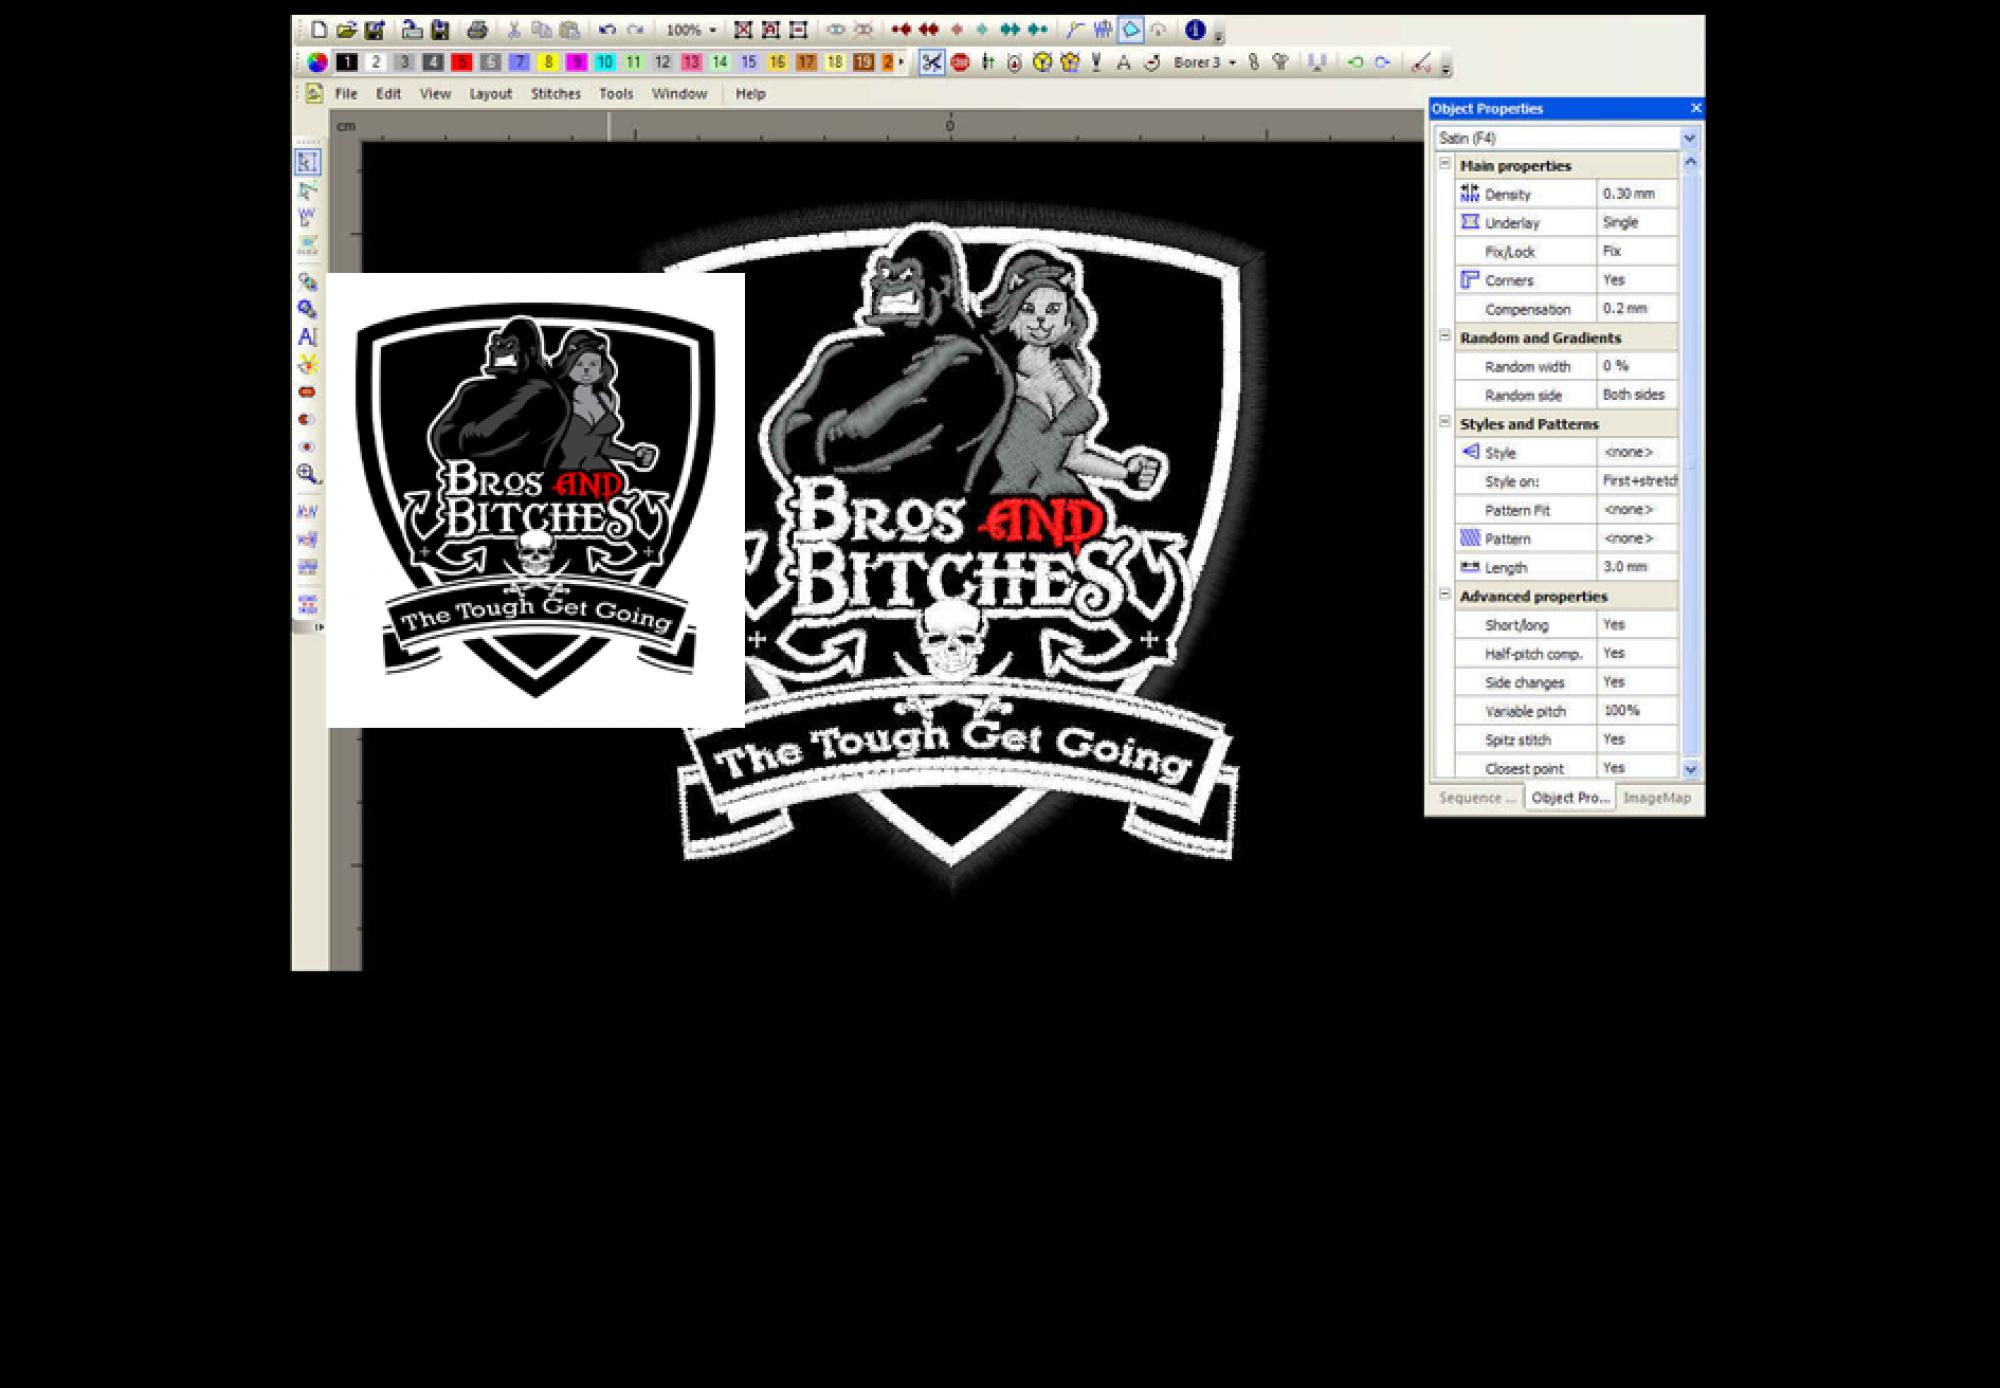 Logo Digitaliseren, Vectoriseren, Punchen / Borduurkaart maken.